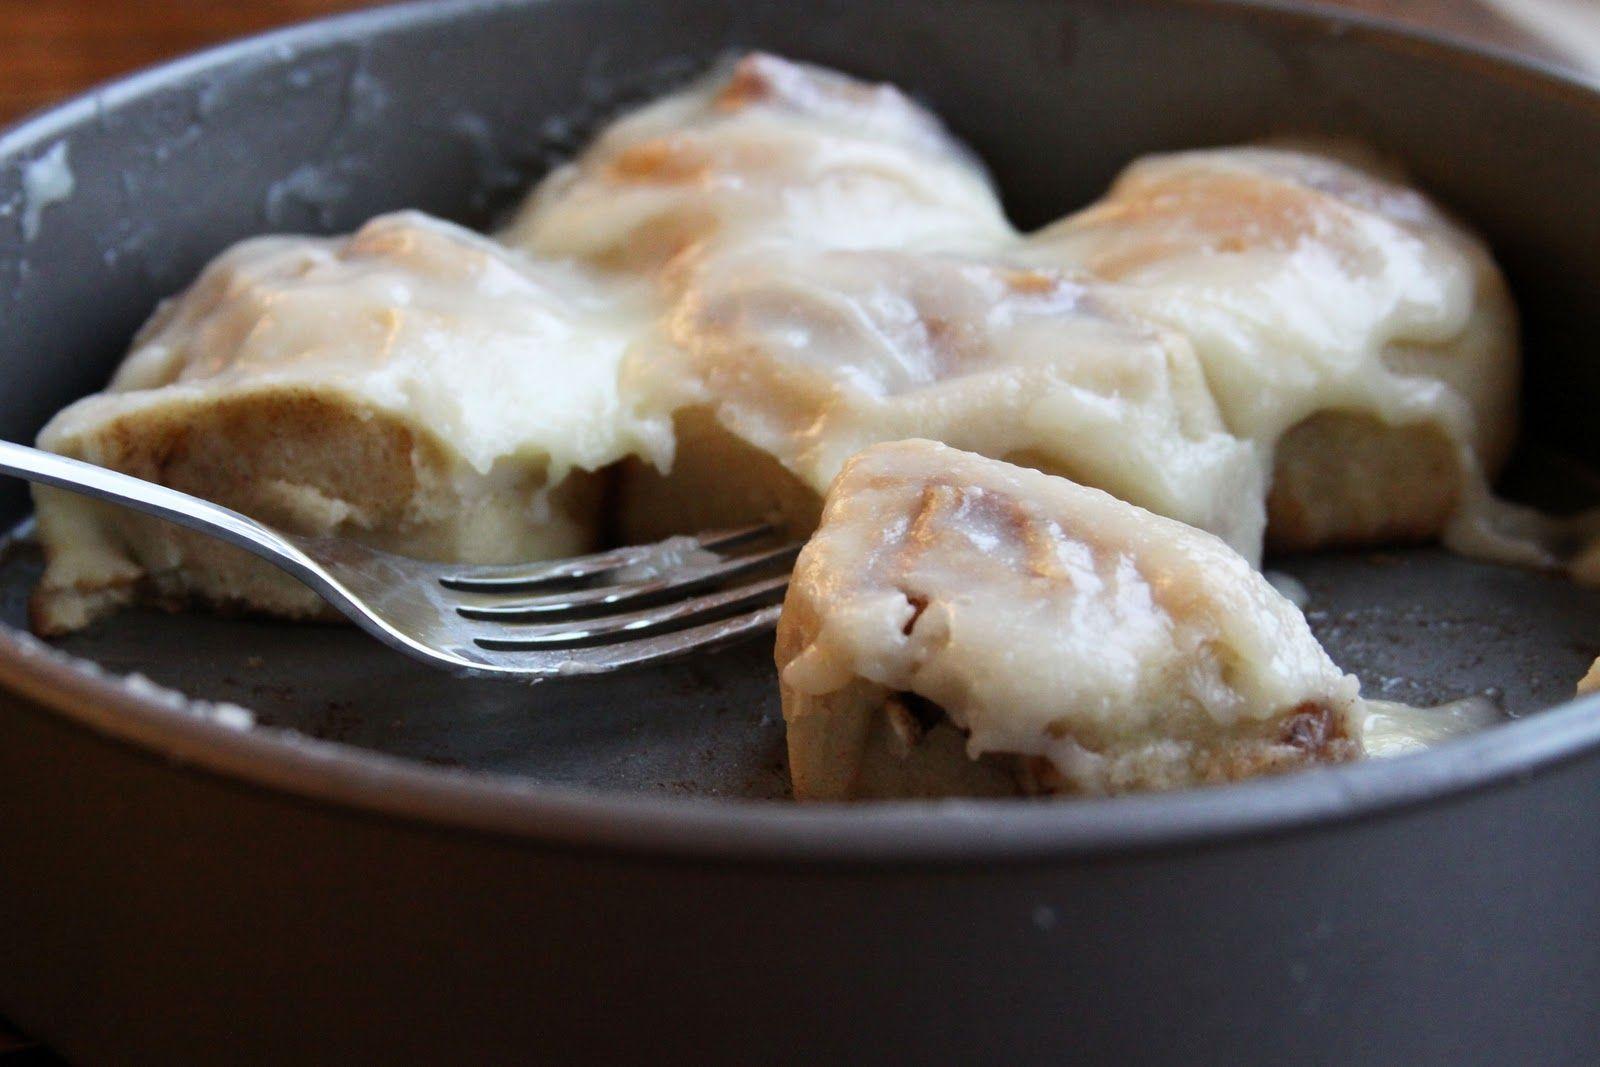 Eggnog Sweet Rolls: can use cream cheese, powdered sugar, eggnog glaze on other cinnamon roll recipe..